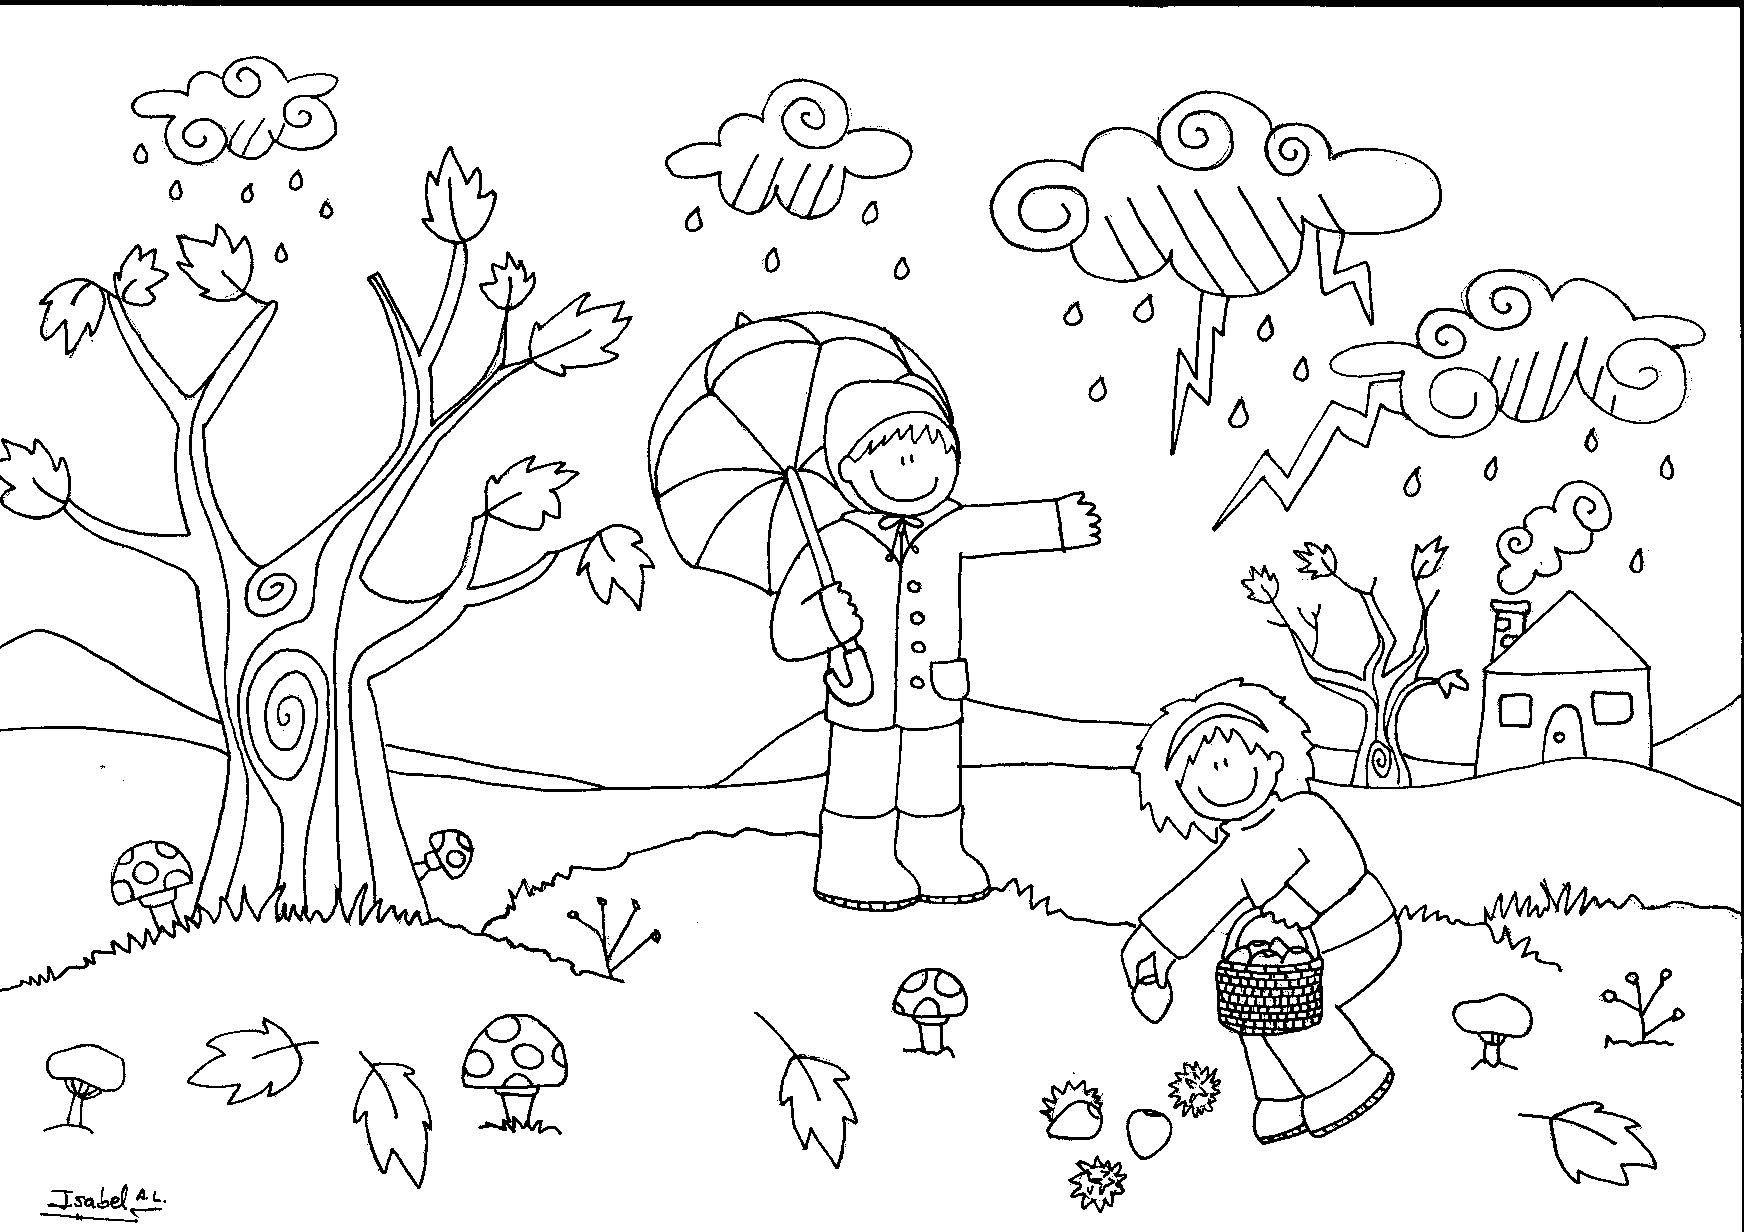 Impresionante Dibujos Para Colorear De Graduacion Preescolar ...